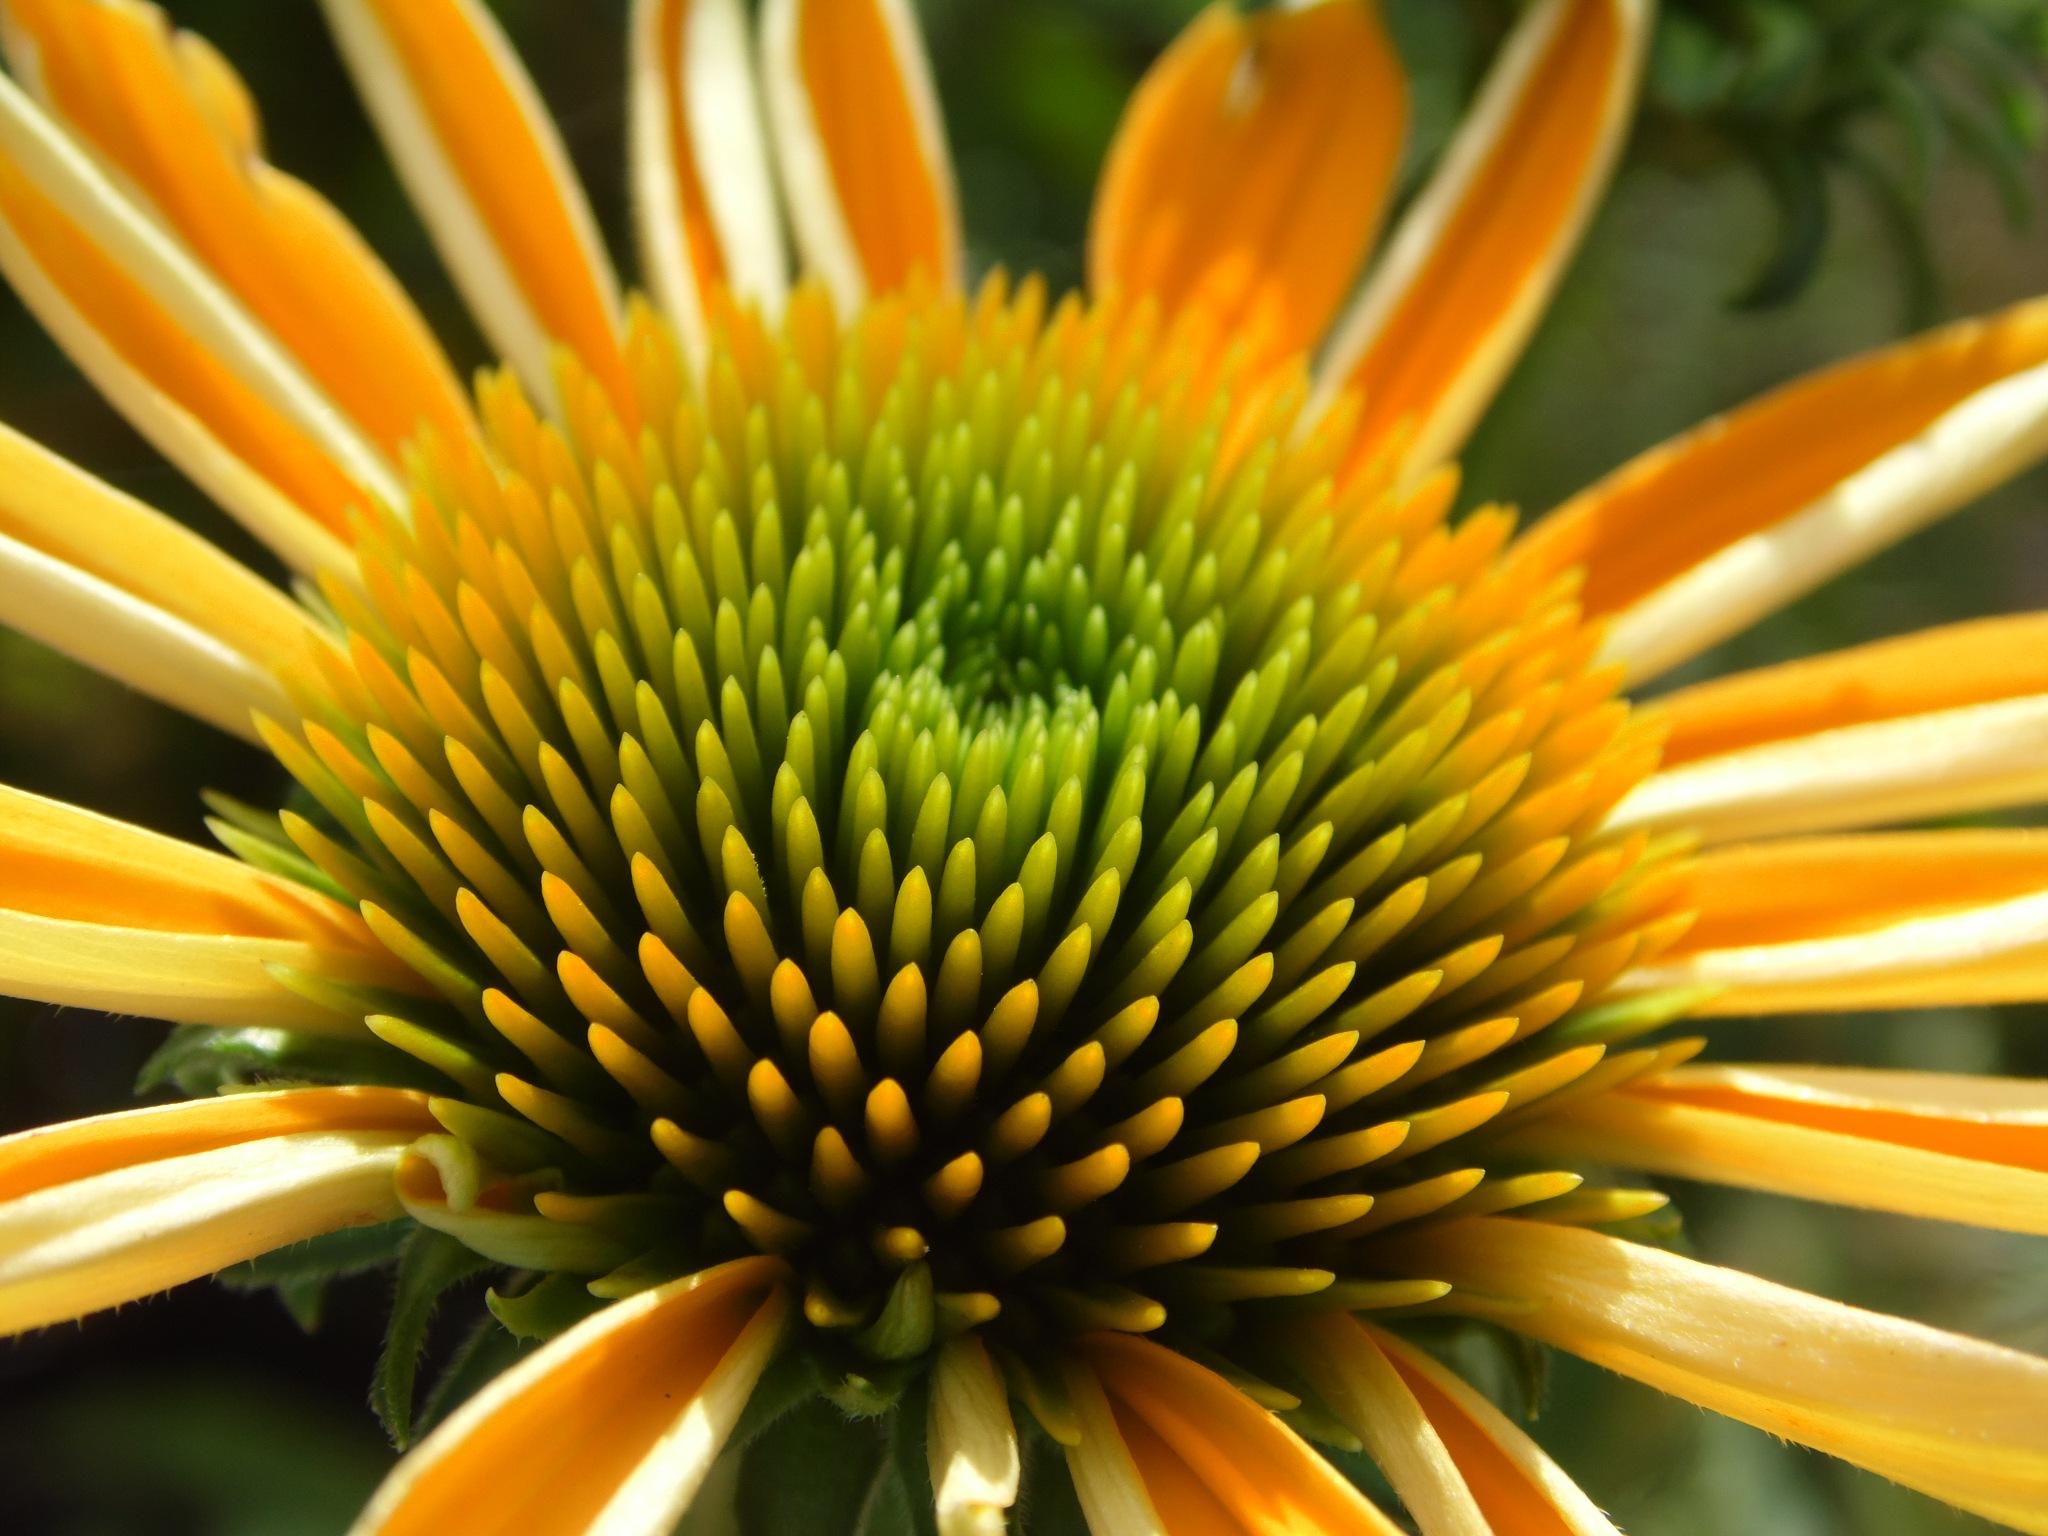 Cheery daisy by Sandra Wright